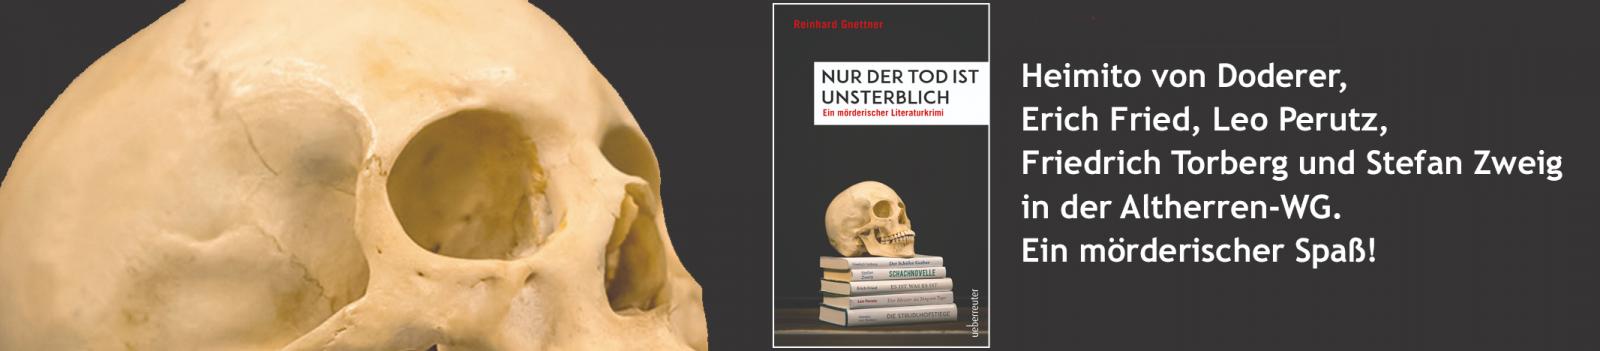 Gnettner_NurderTod